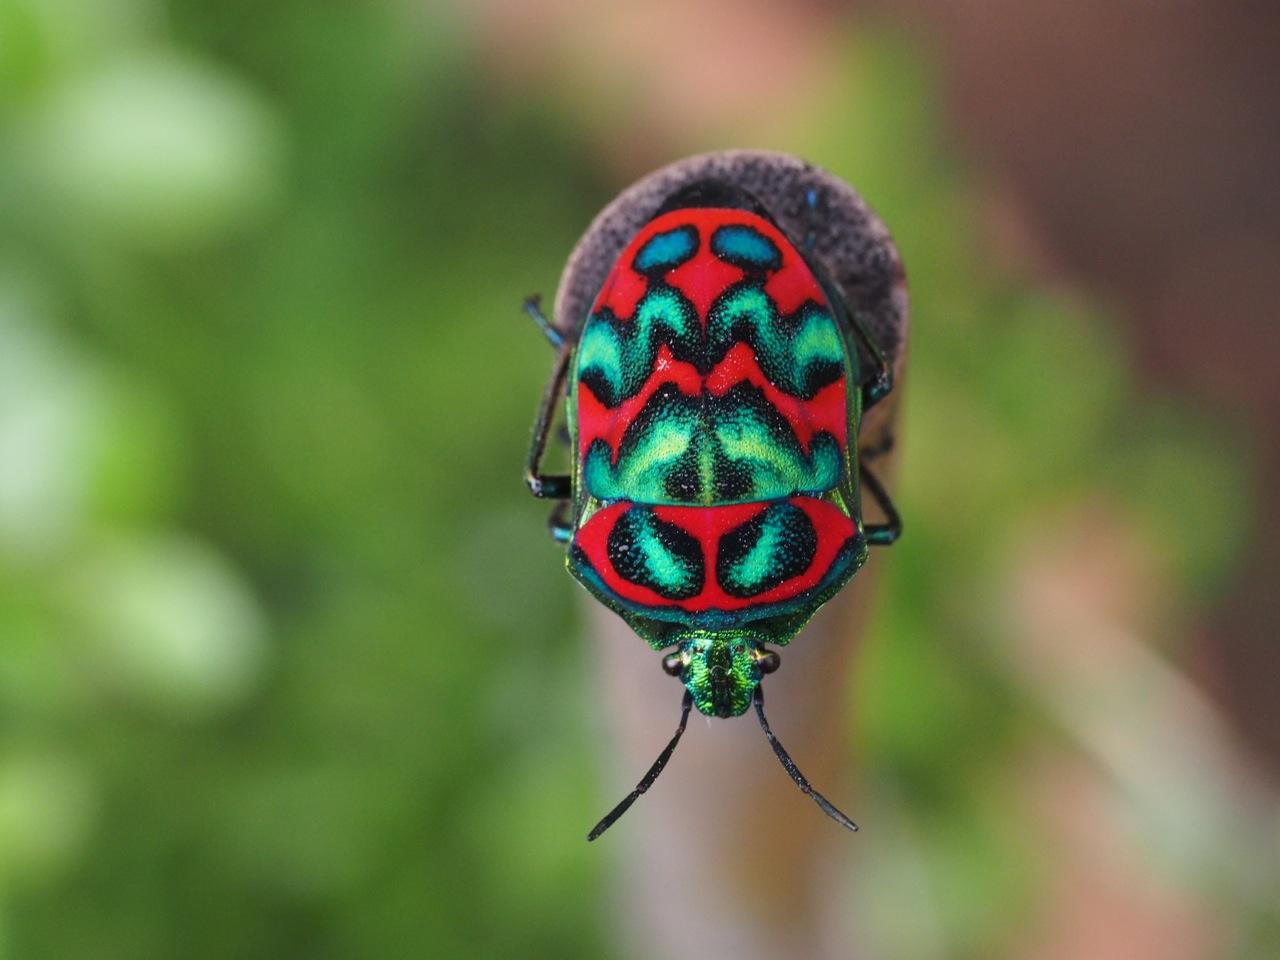 金、赤、紫、緑を散りばめた宝石のような虫